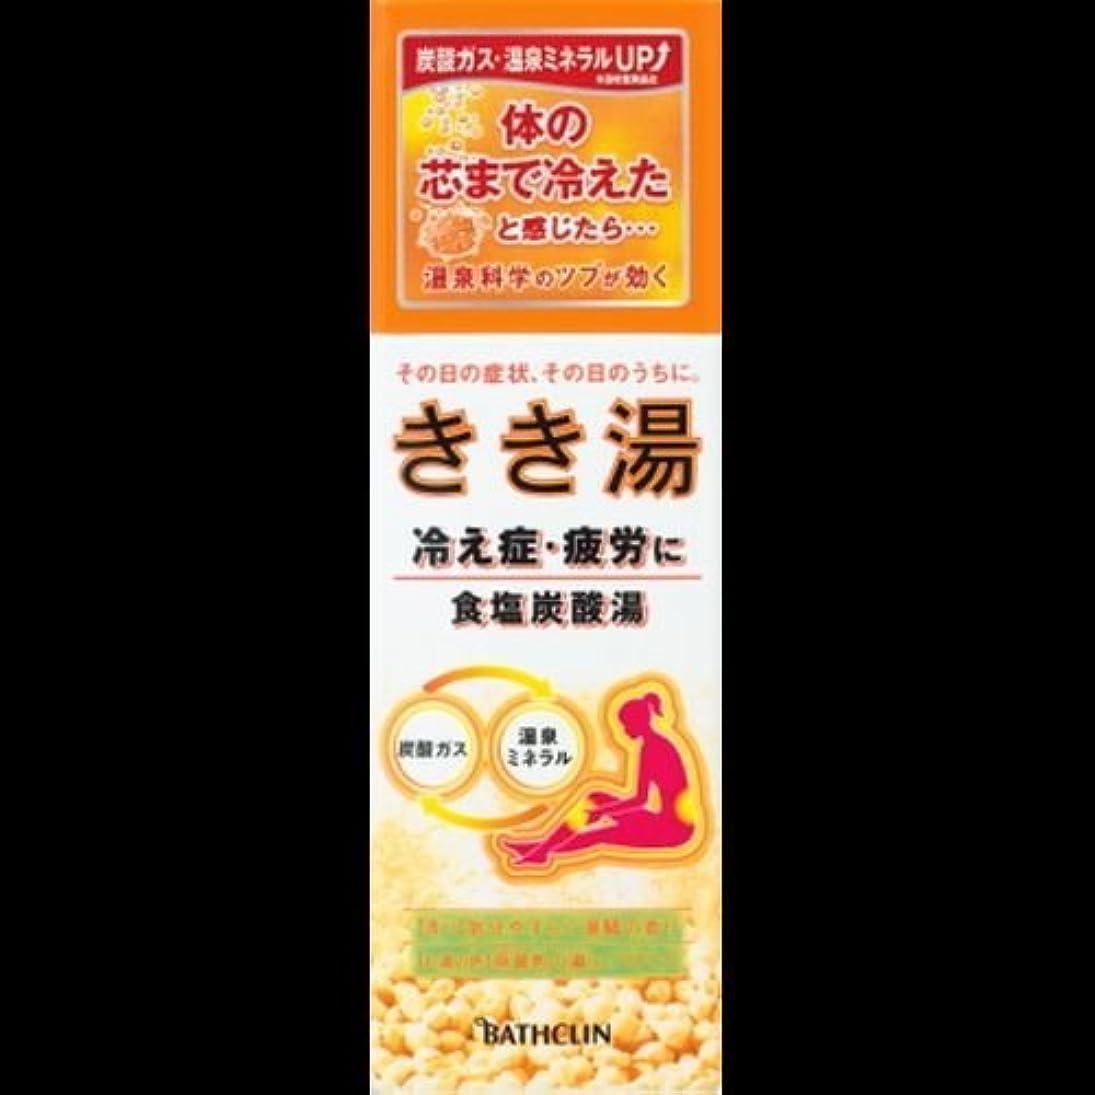 大腿悪意戸棚【まとめ買い】きき湯 食塩炭酸湯 気分やすらぐ潮騒の香り萌黄色の湯(にごりタイプ) 360g ×2セット